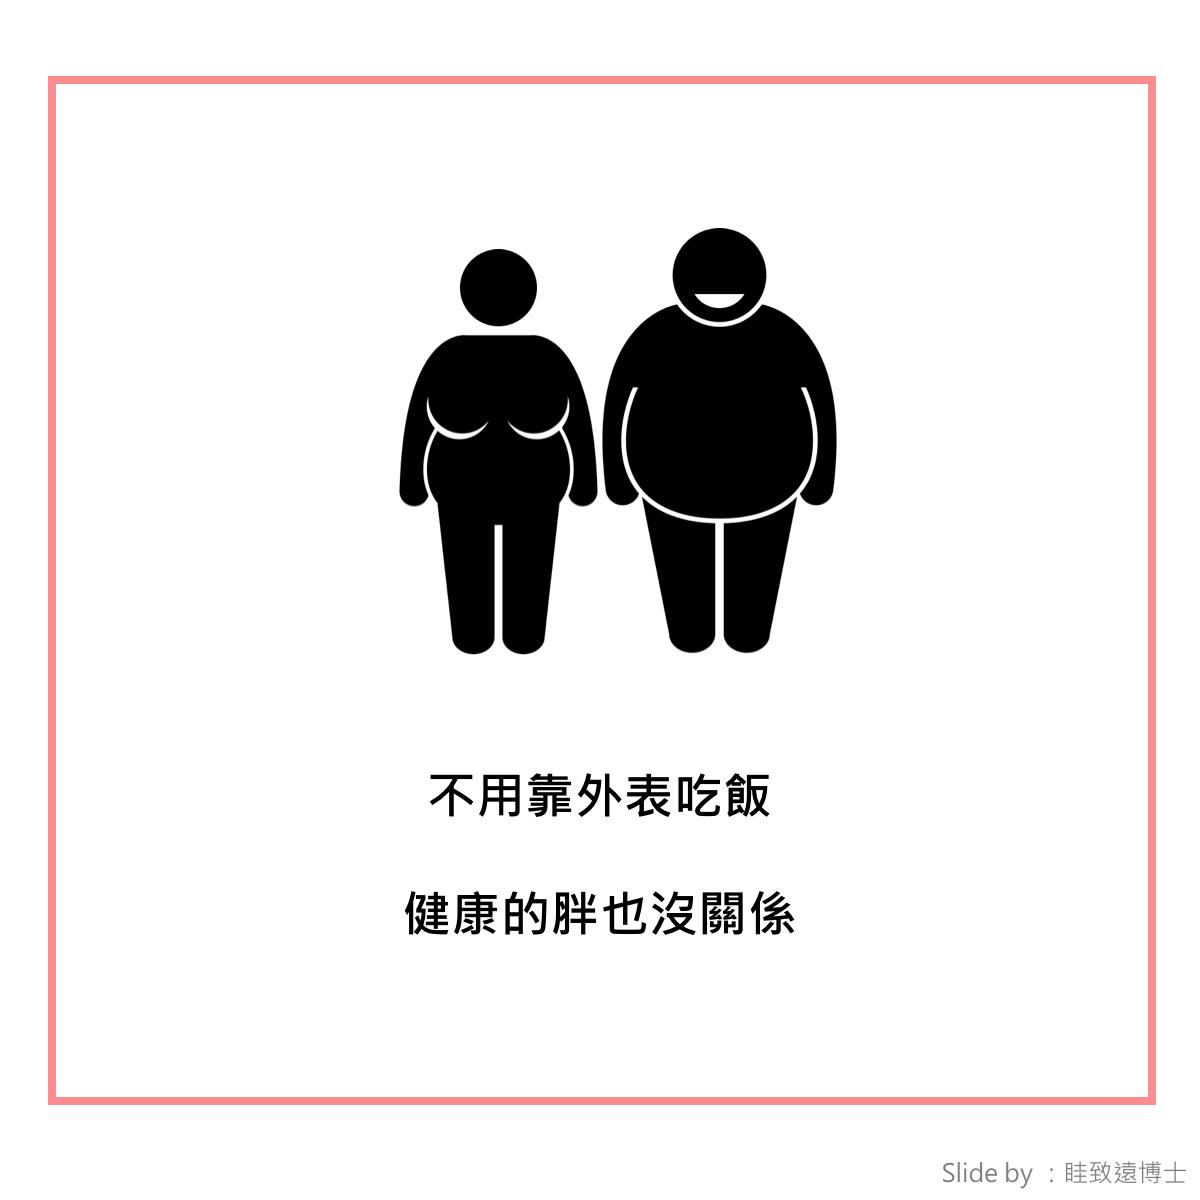 科學減脂|眭致遠博士|有健康的胖子嗎?